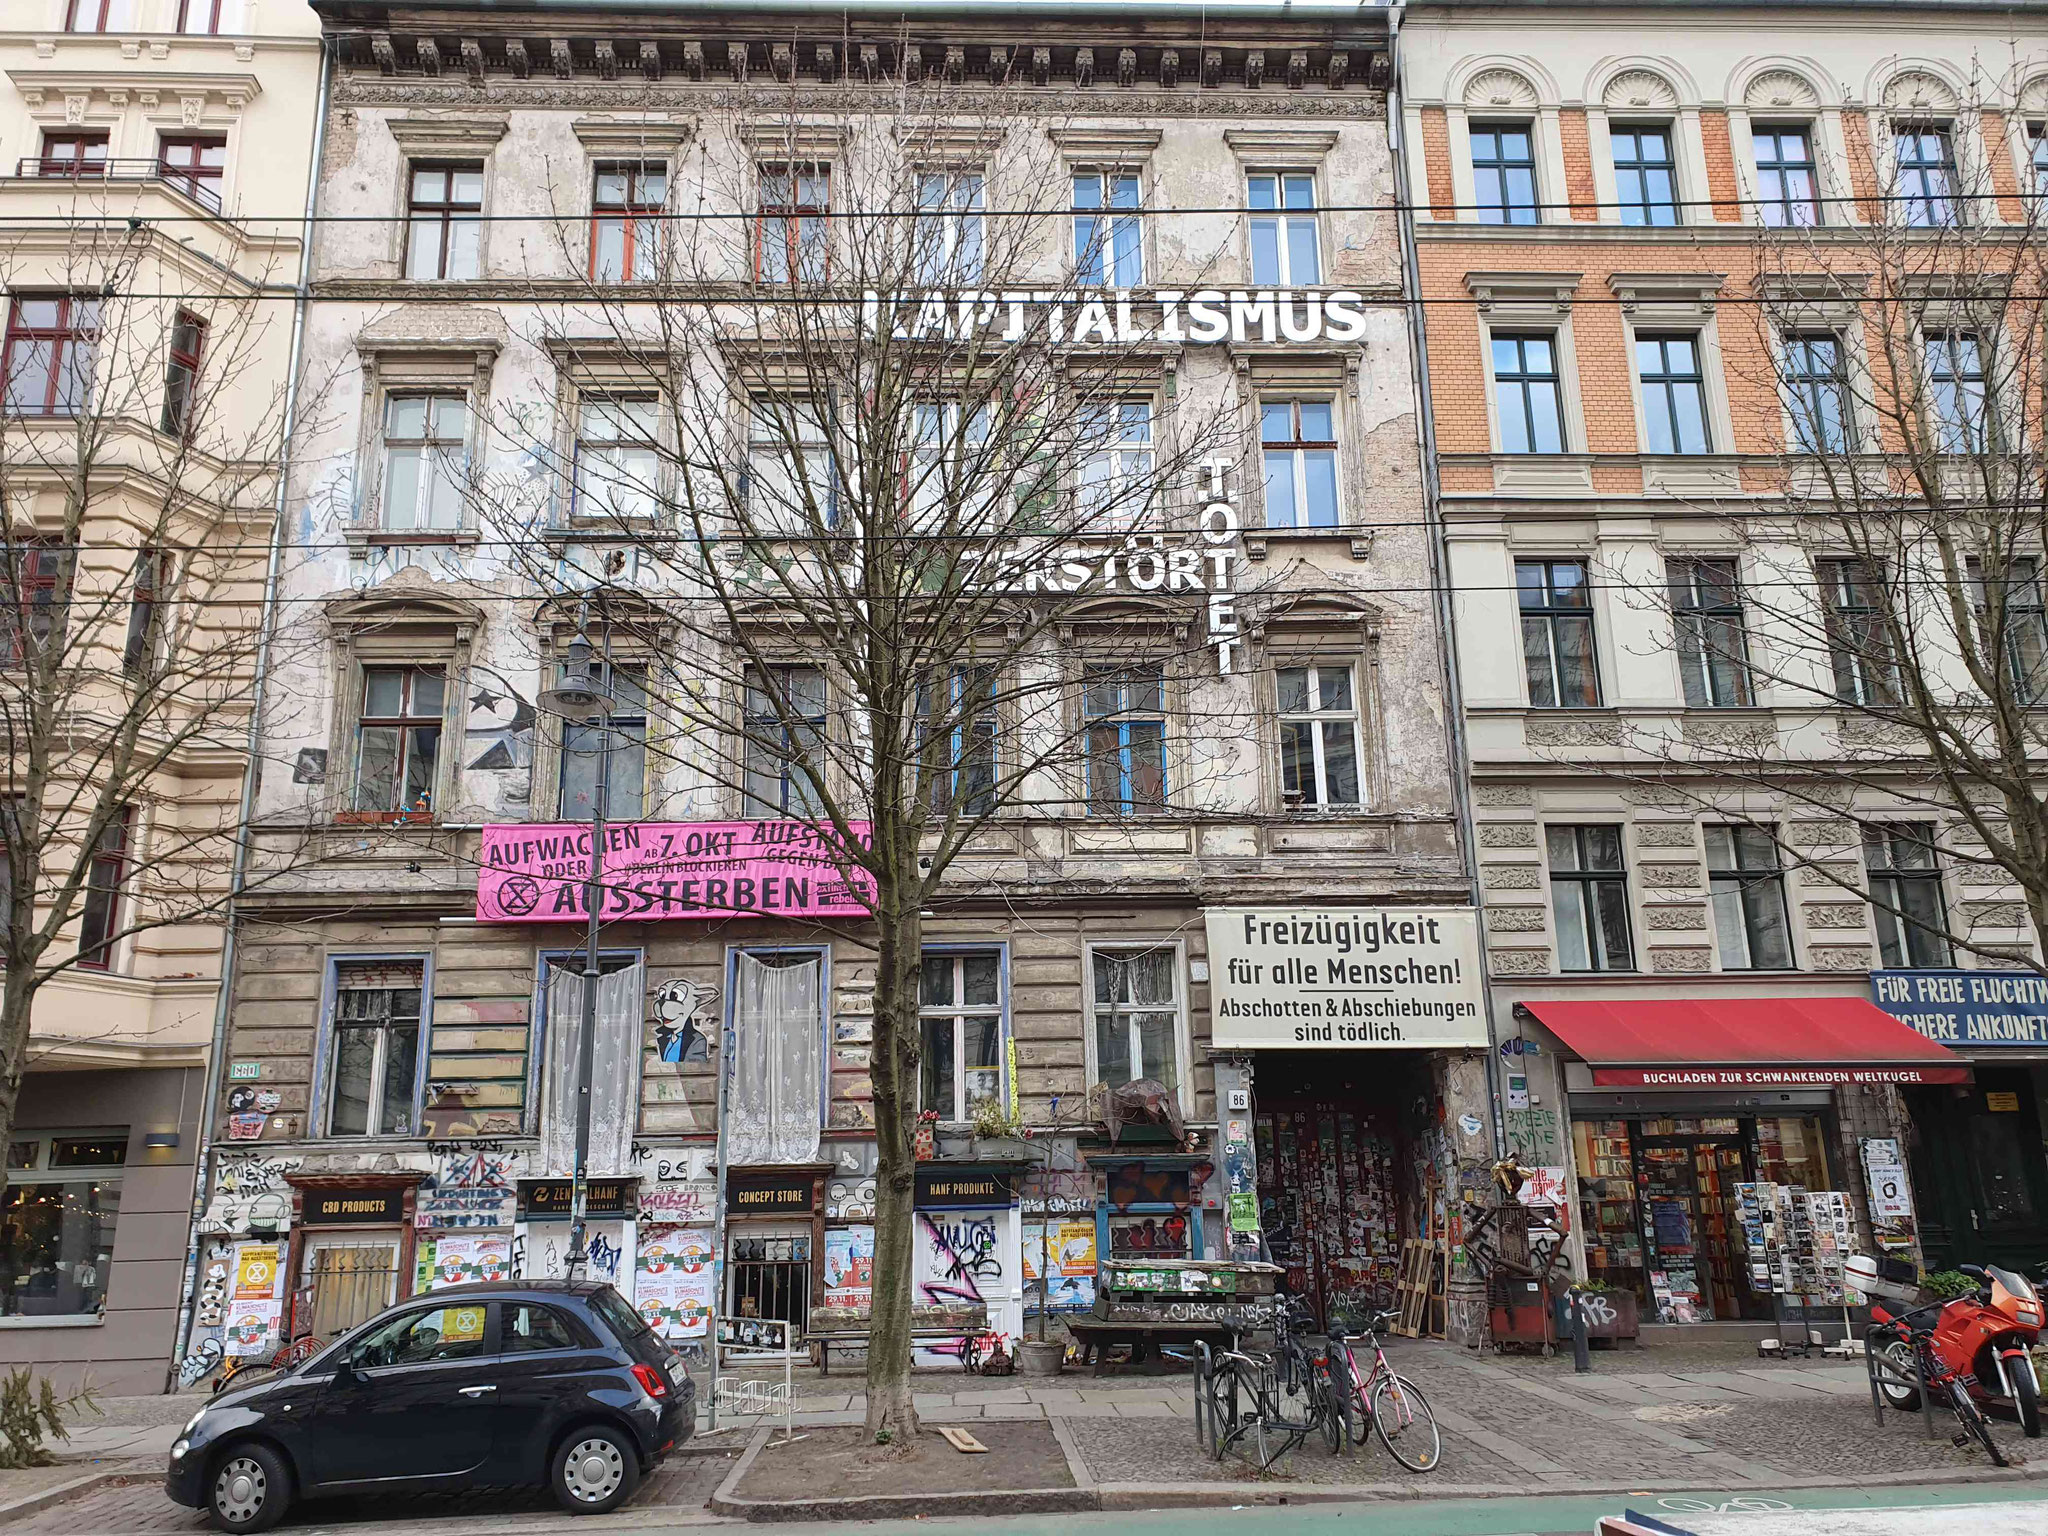 David Schütz' Geburtshaus. Kastanienallee 86